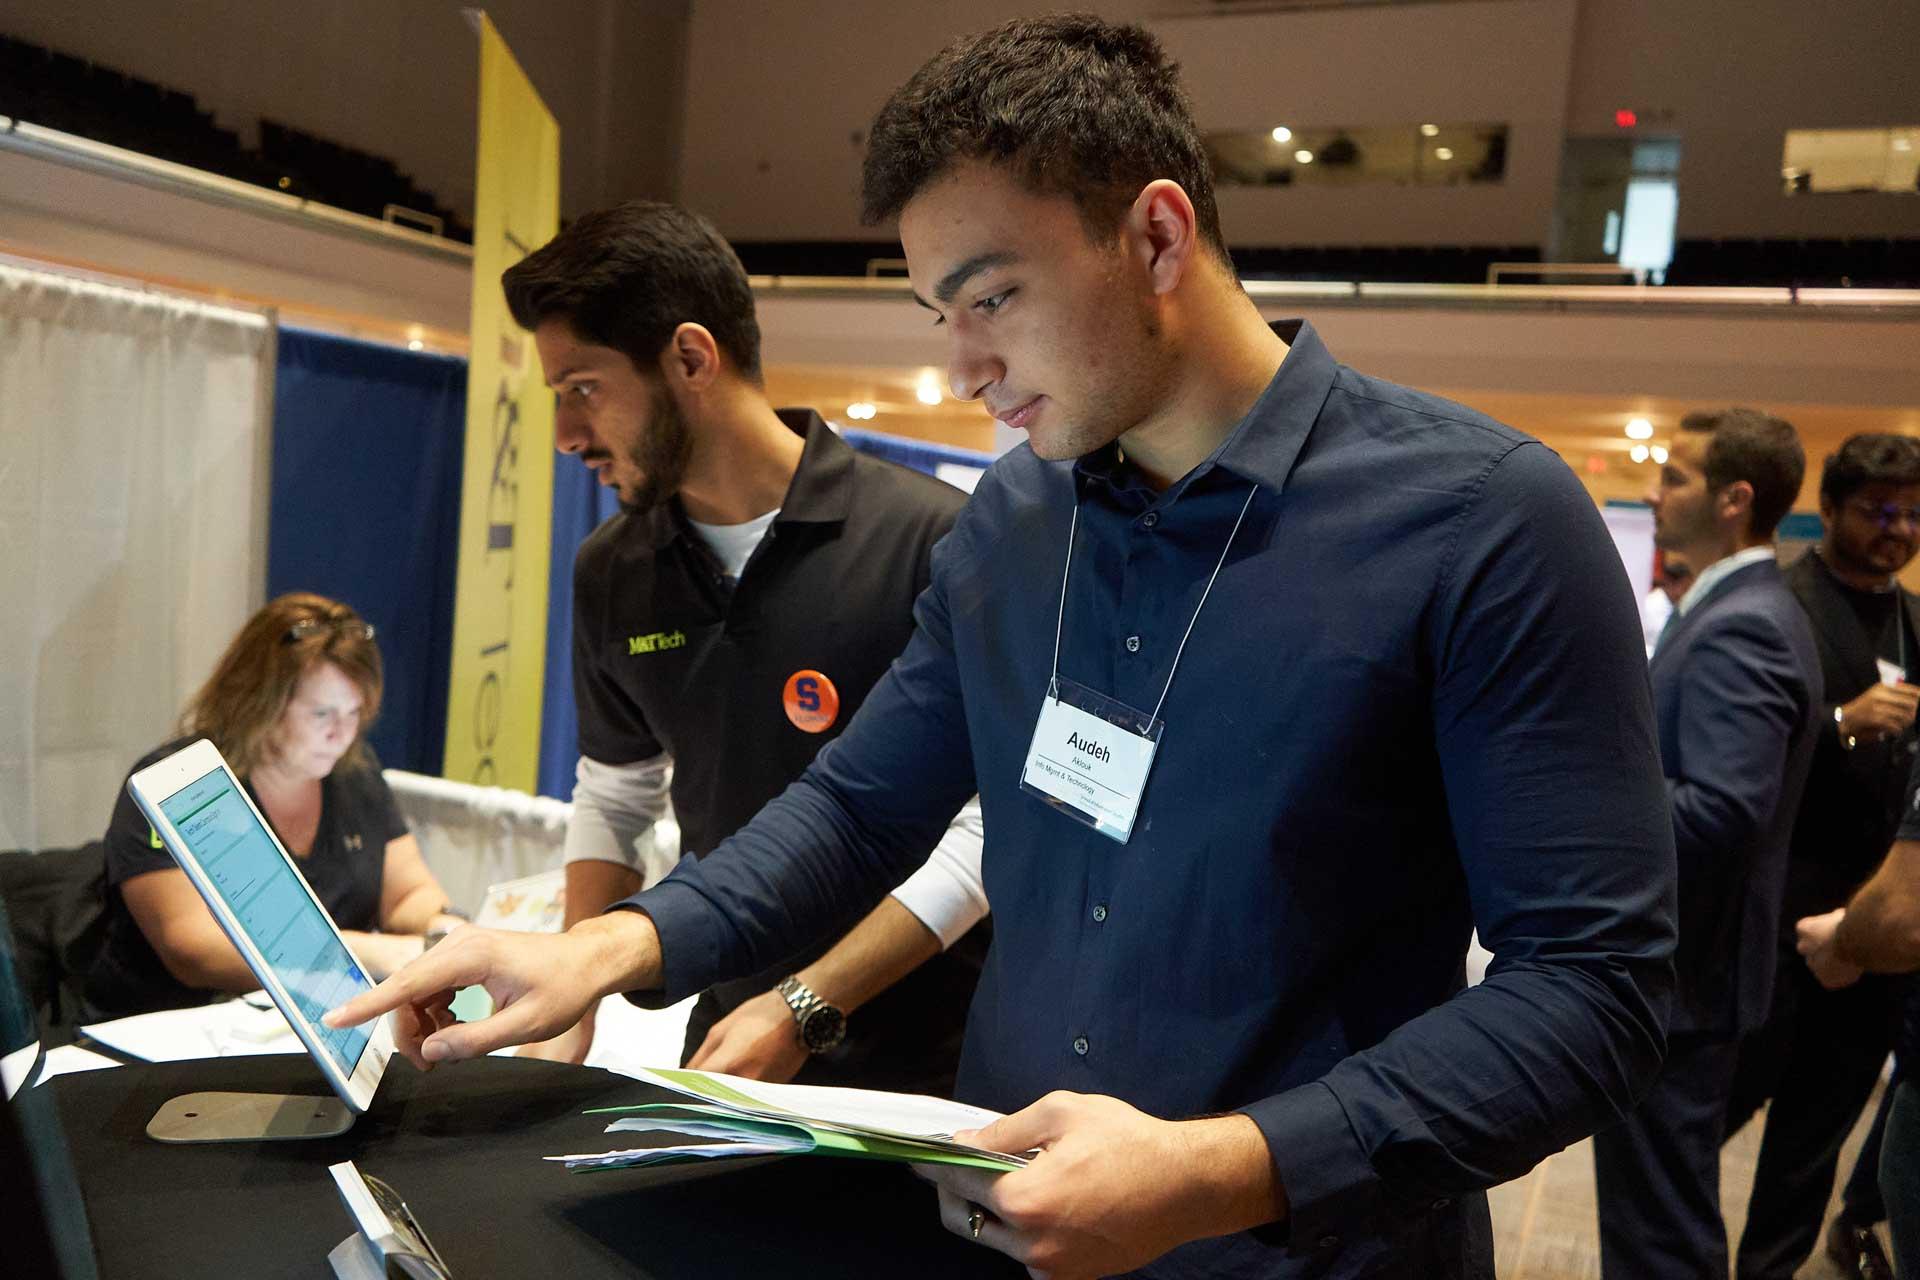 A student attends an iSchool career fair